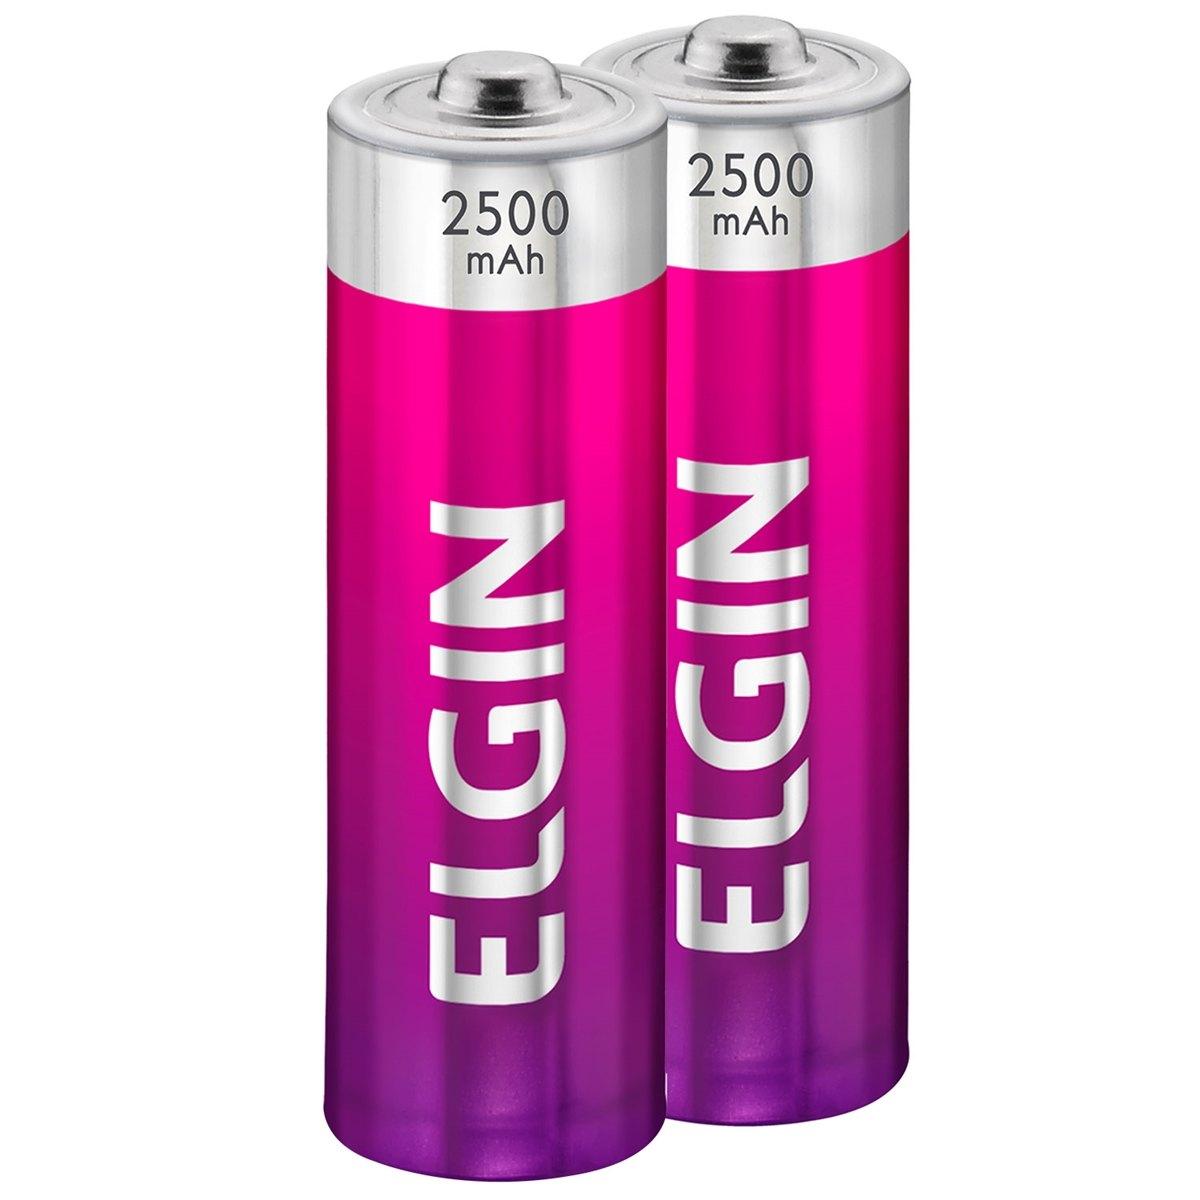 Pilha Recarregáveis AA  2500mAH Elgin pacote com 2 pilhas